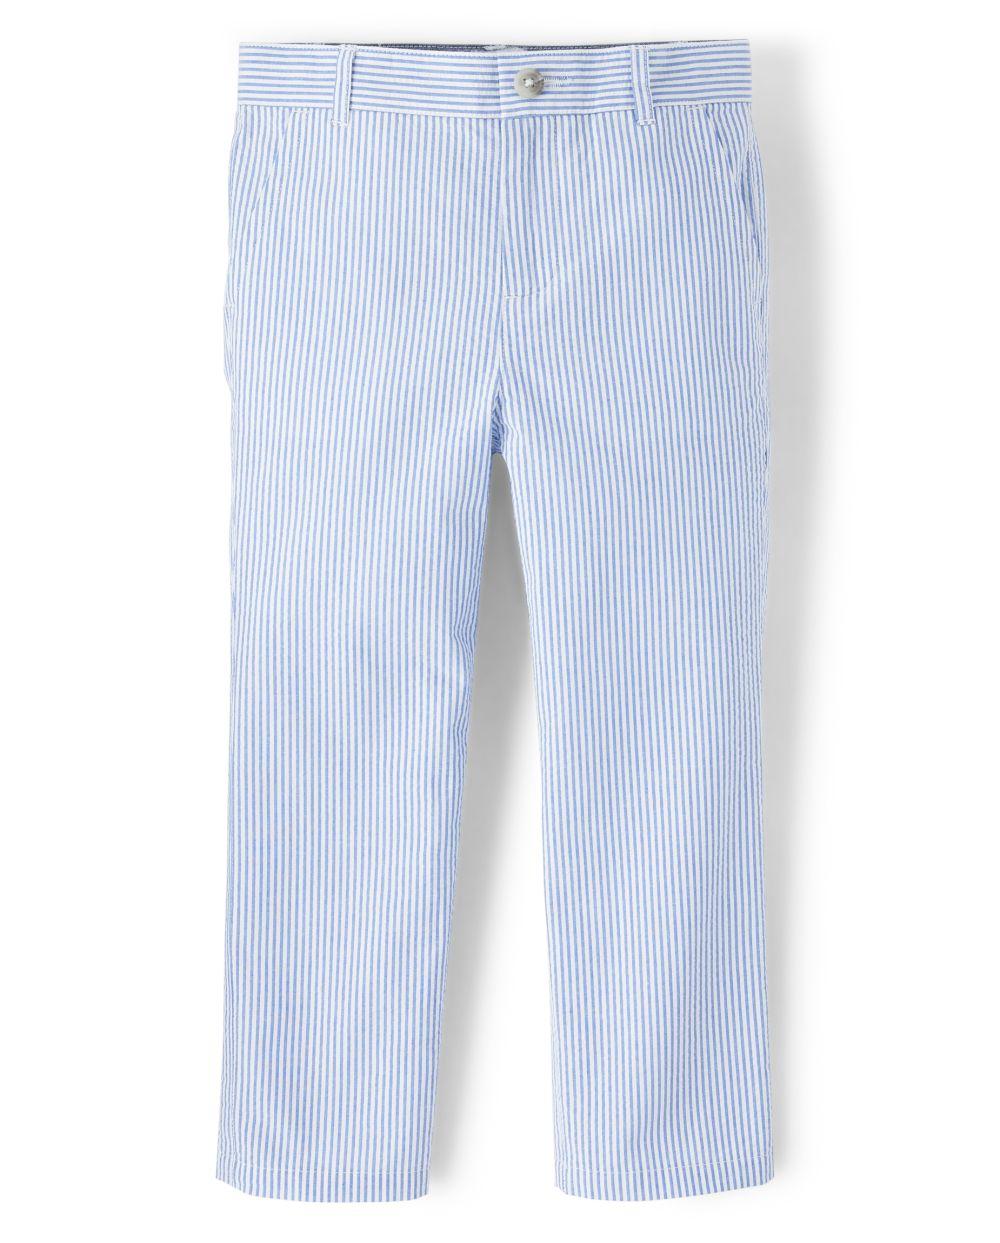 Boys Seersucker Pants - Spring Jubilee